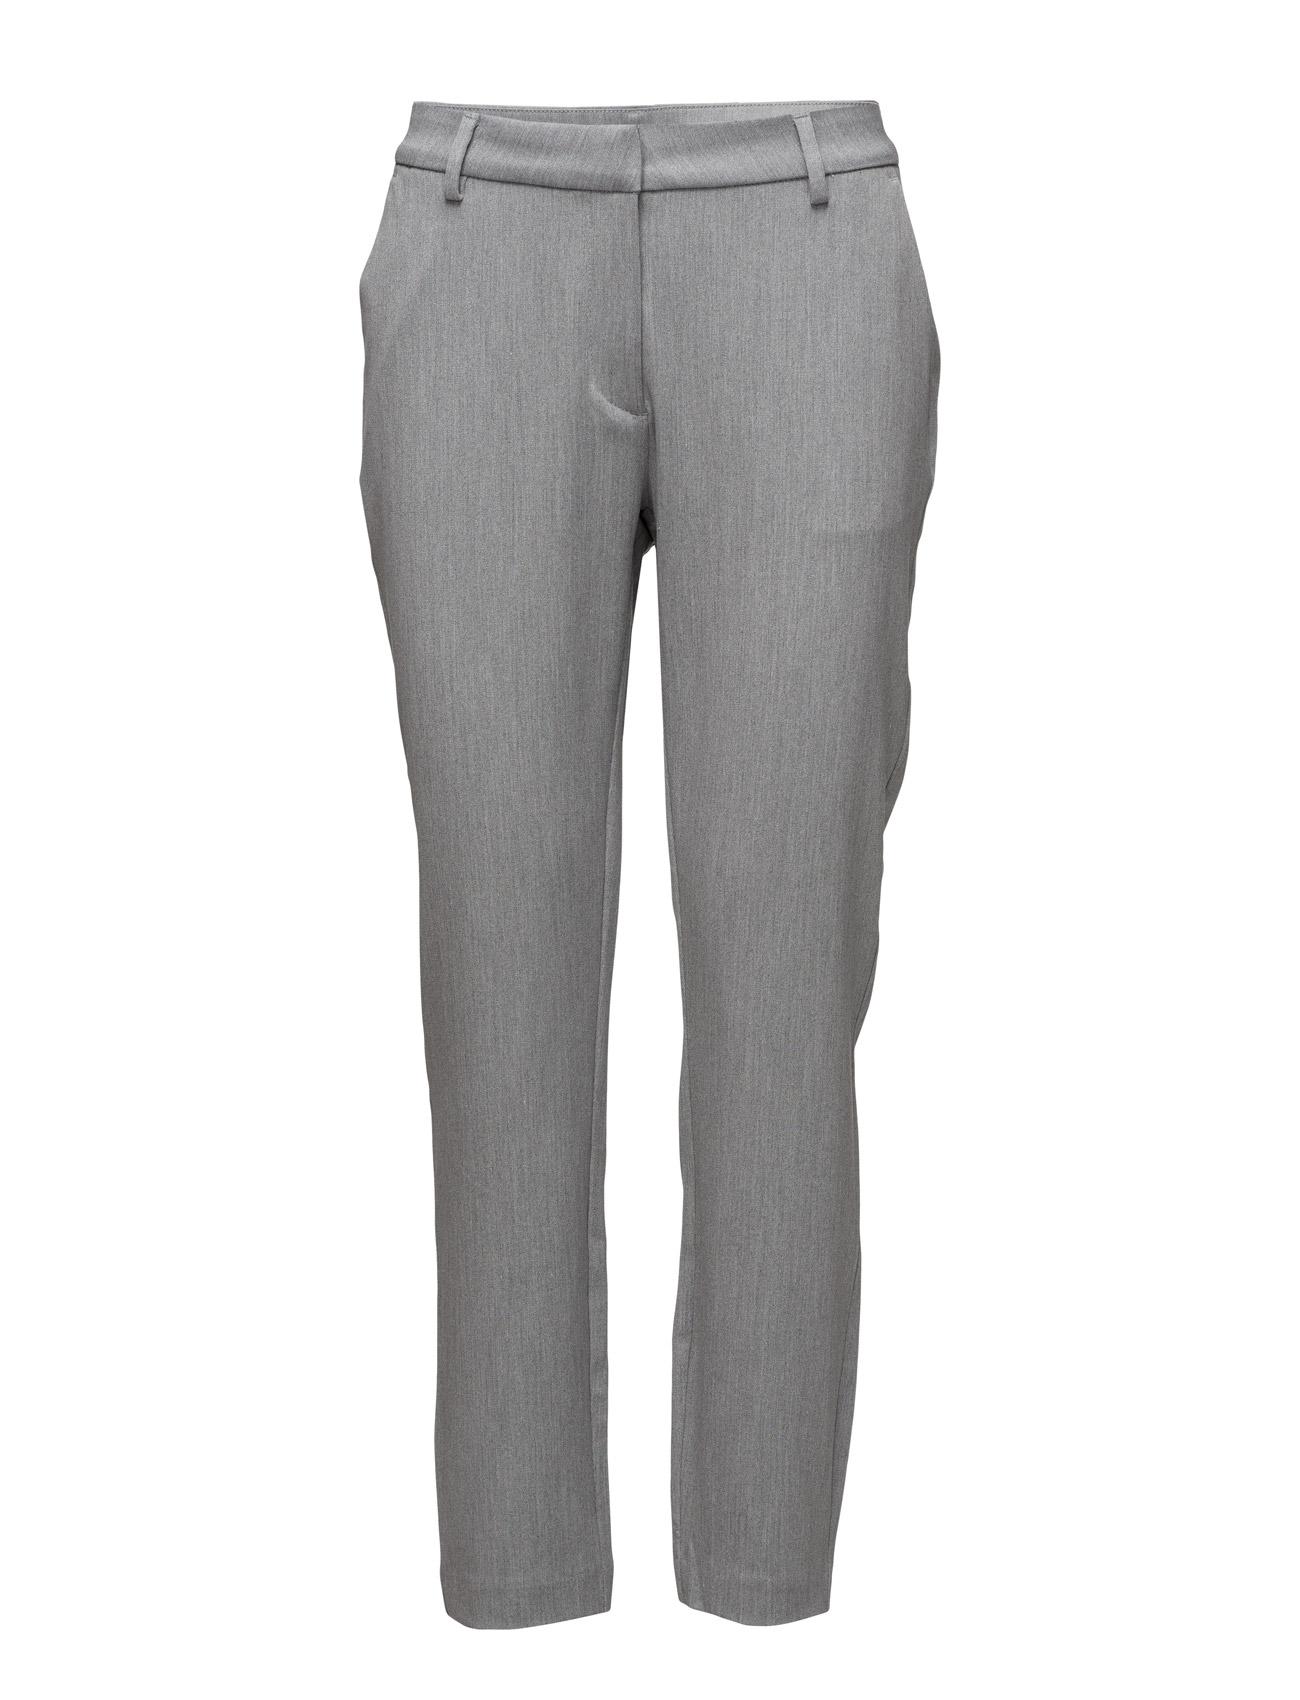 Carine 111 Light Melange, Pants 2nd One Bukser til Kvinder i